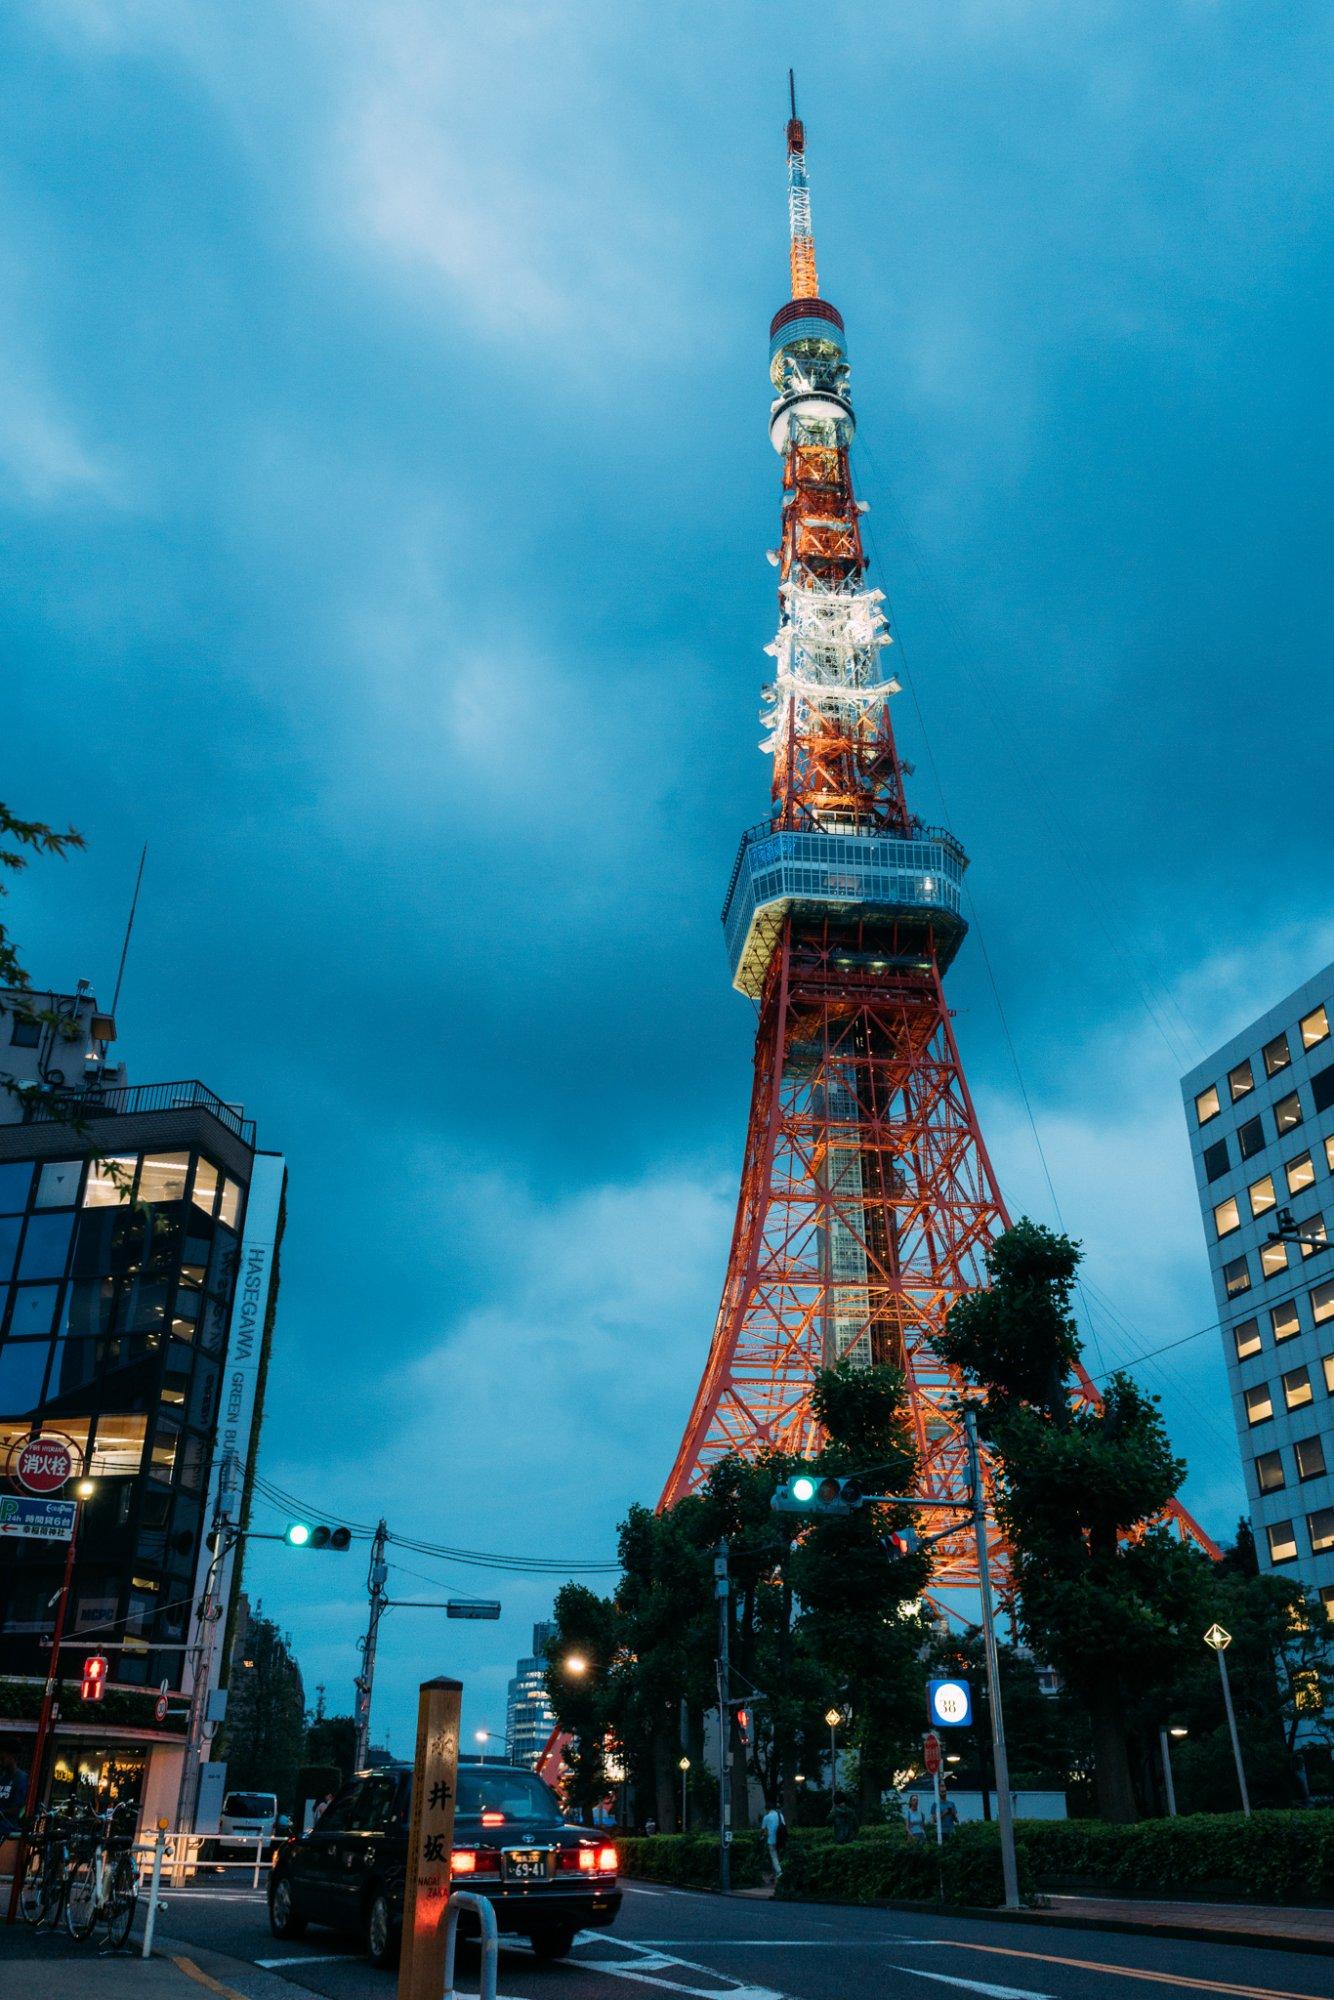 J_Bostwick_-_Nippon_-_20190718_-_JB_06073.jpg